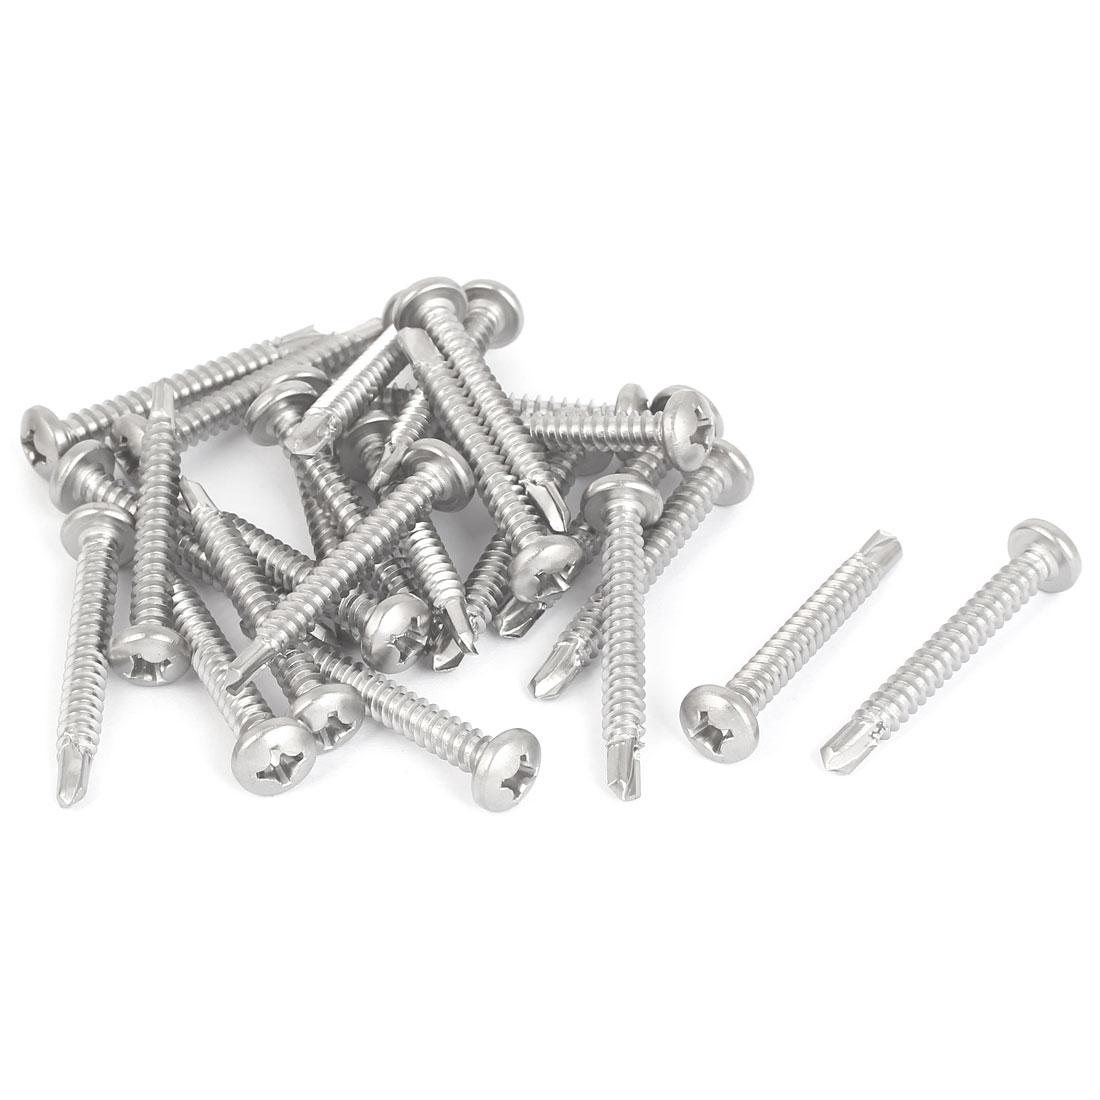 M5.5 x 45mm Male Thread Phillips Pan Head Self Drilling Screws Bolts 25 Pcs